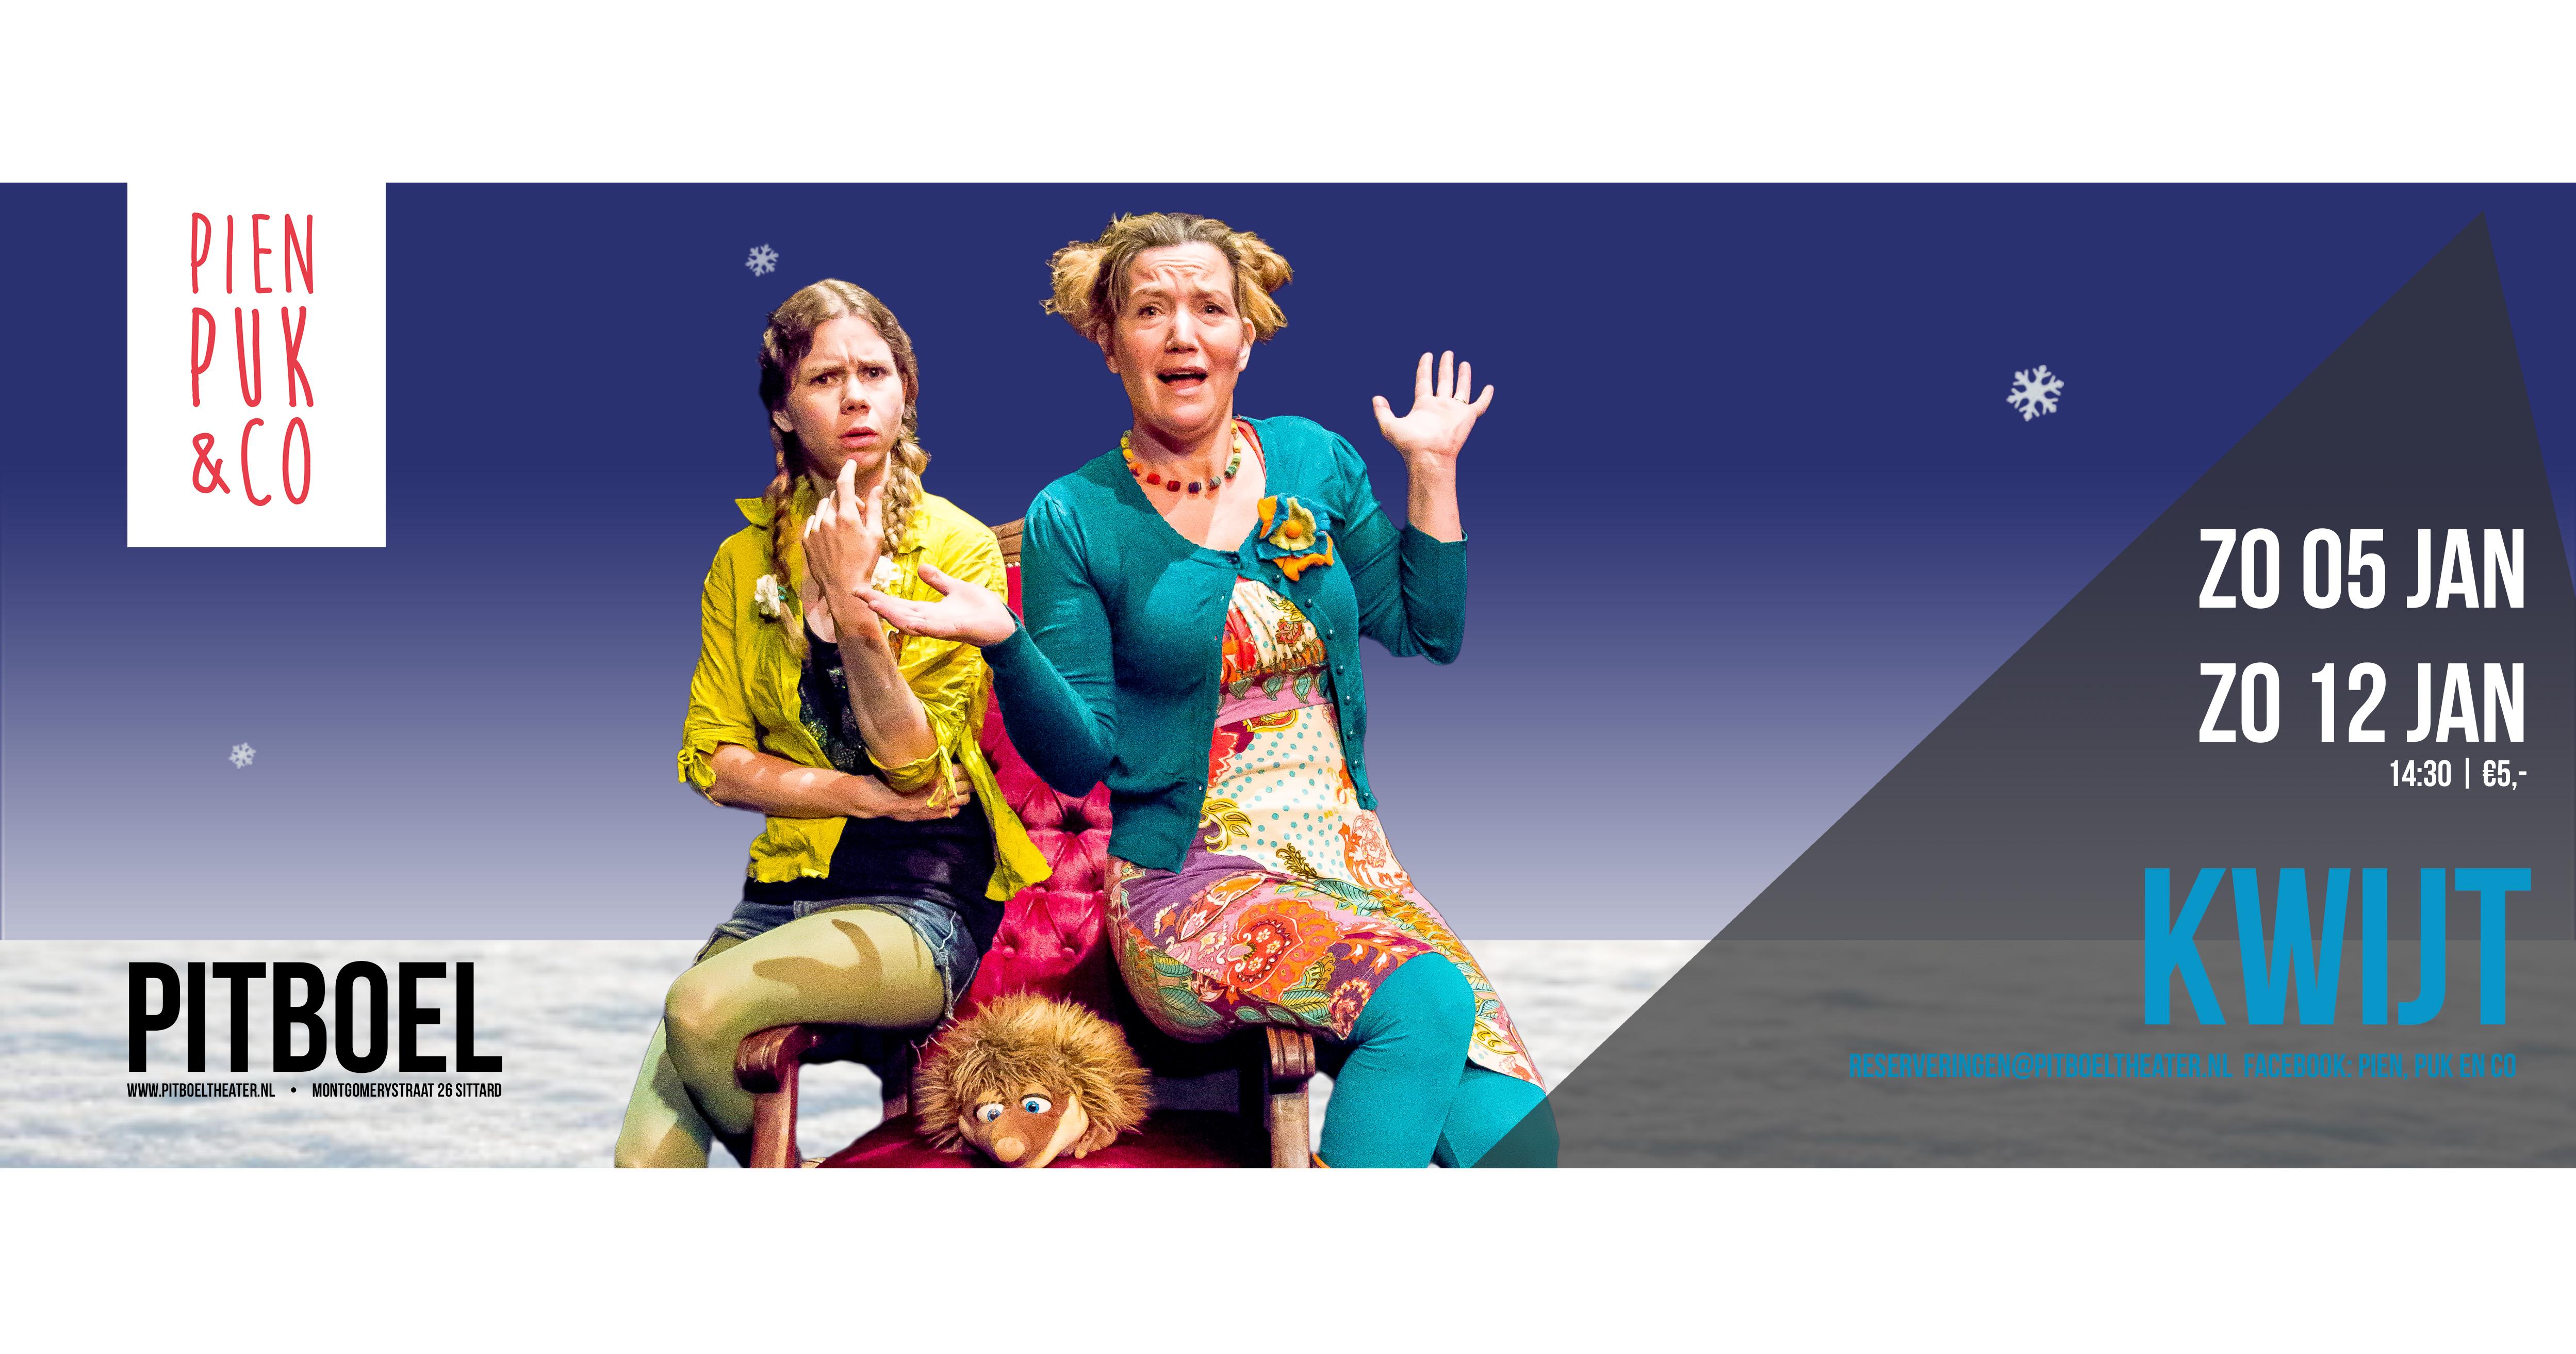 pien, puk & Co januari 2020 pitboel Theater